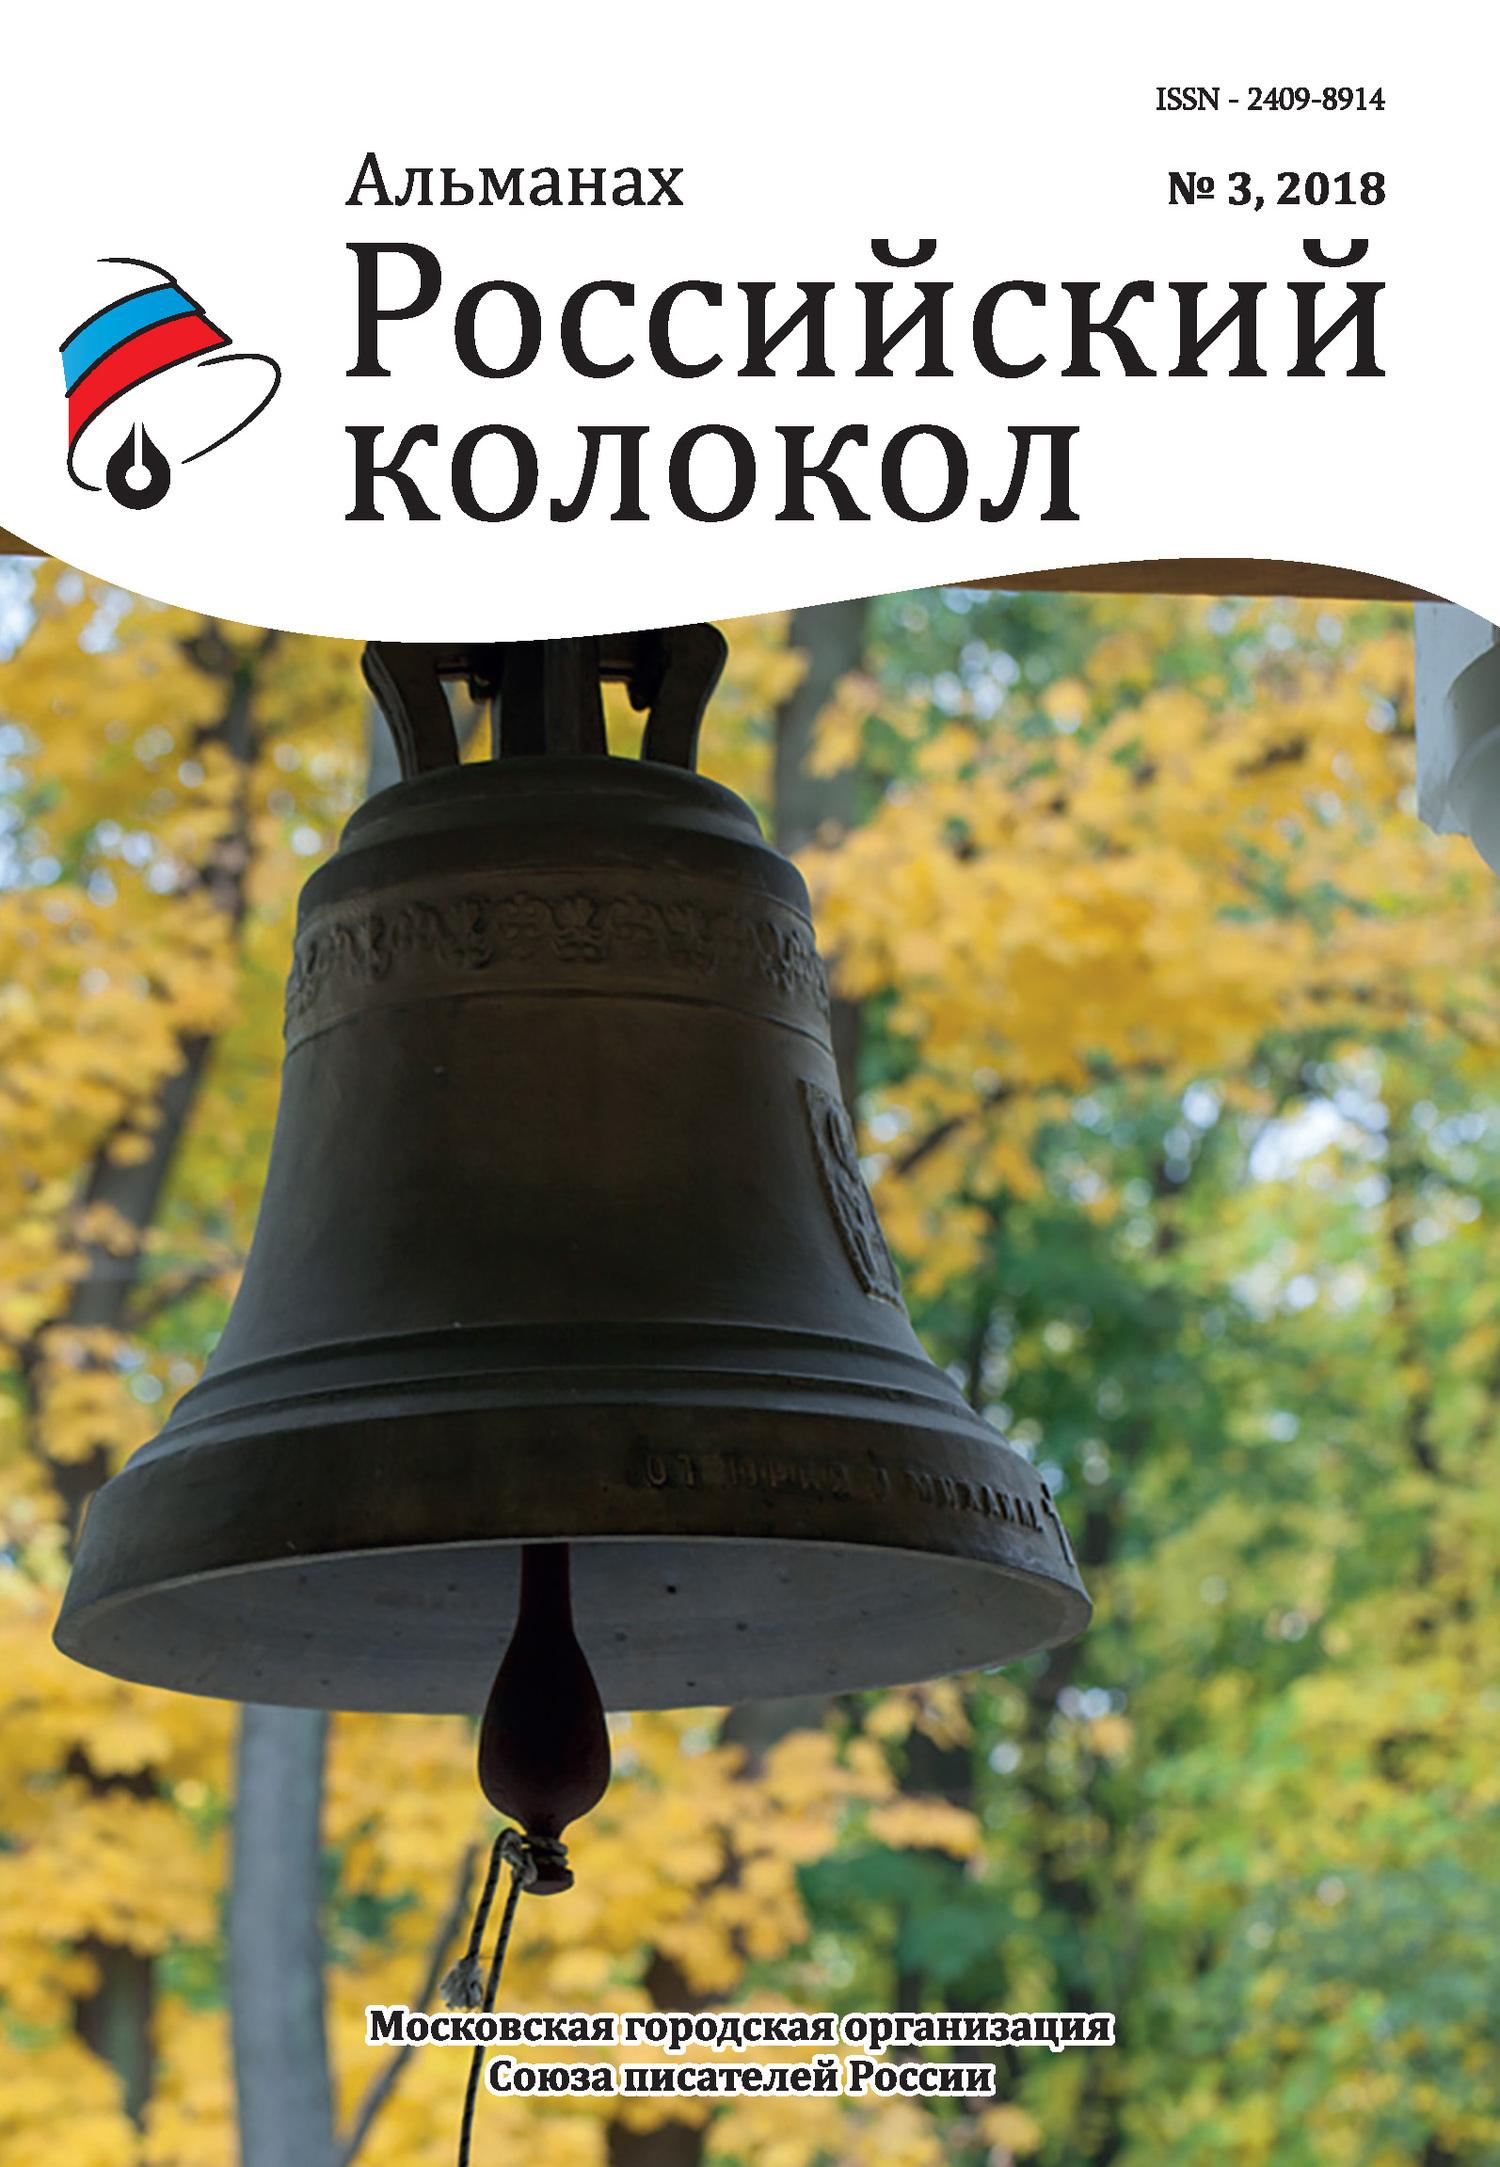 Альманах «Российский колокол» №3 2018